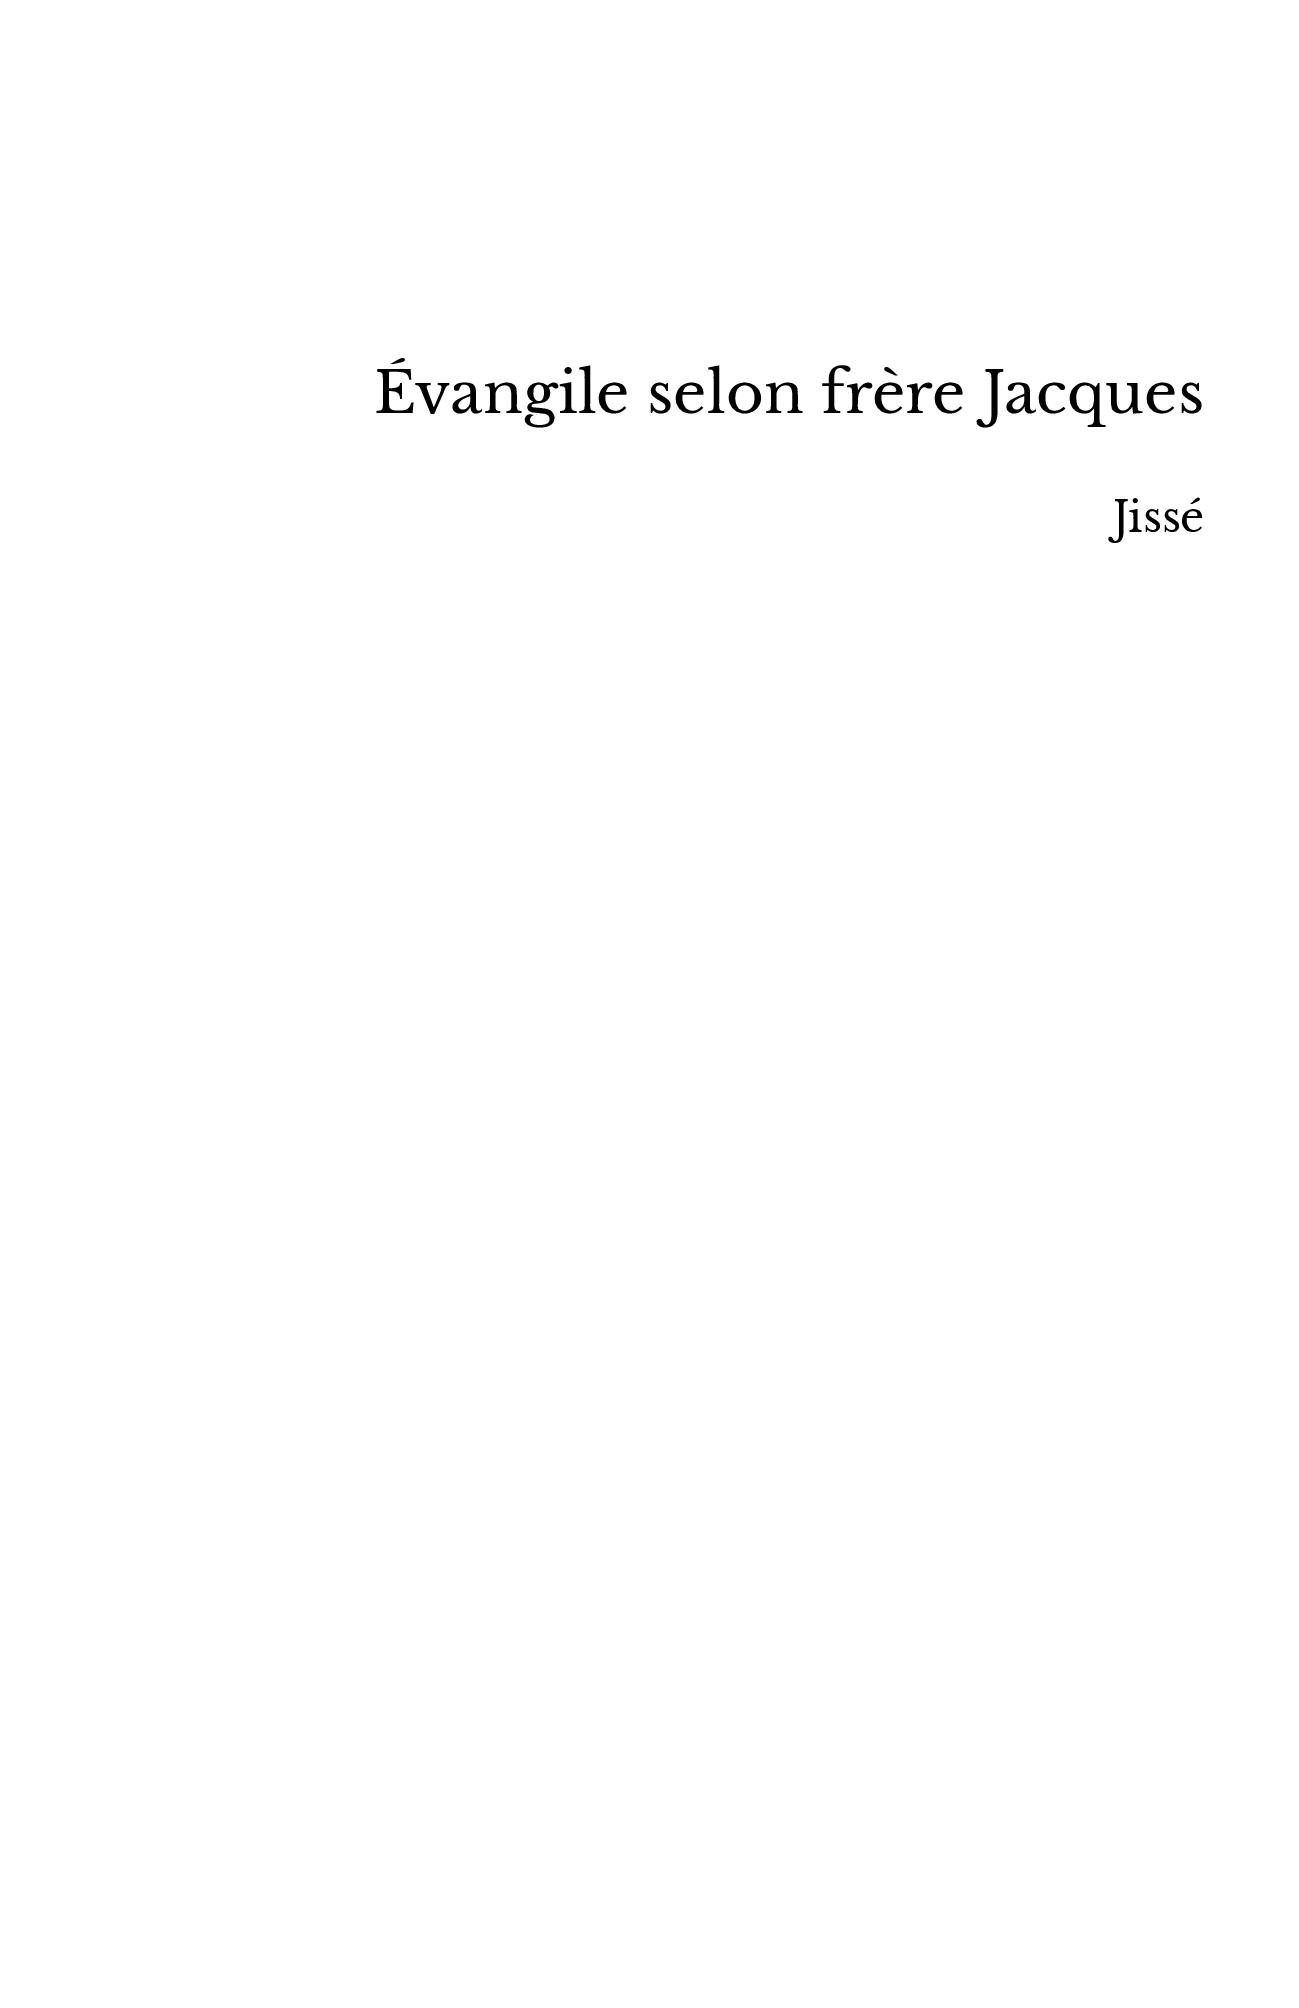 Évangile selon frère Jacques